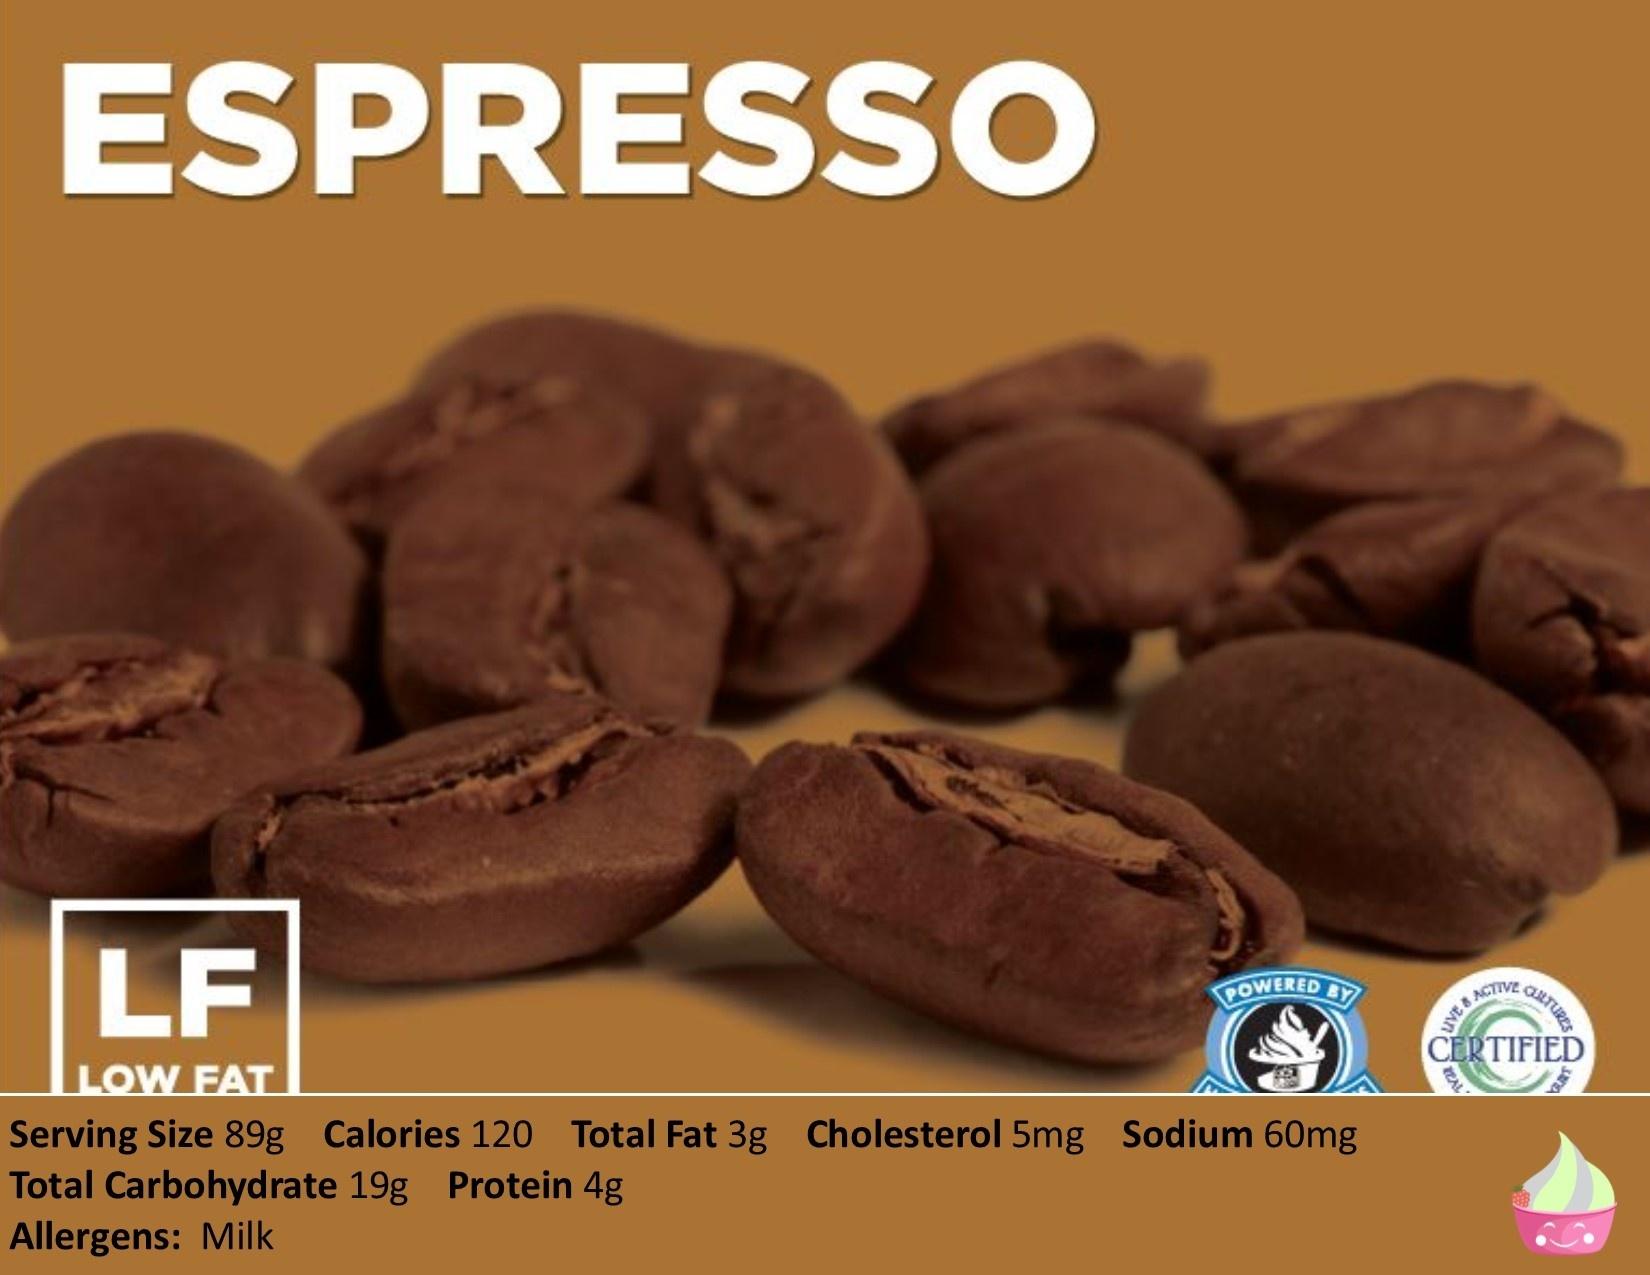 https://0201.nccdn.net/1_2/000/000/0b0/023/Espresso-LF-1650x1275-1650x1275.jpg